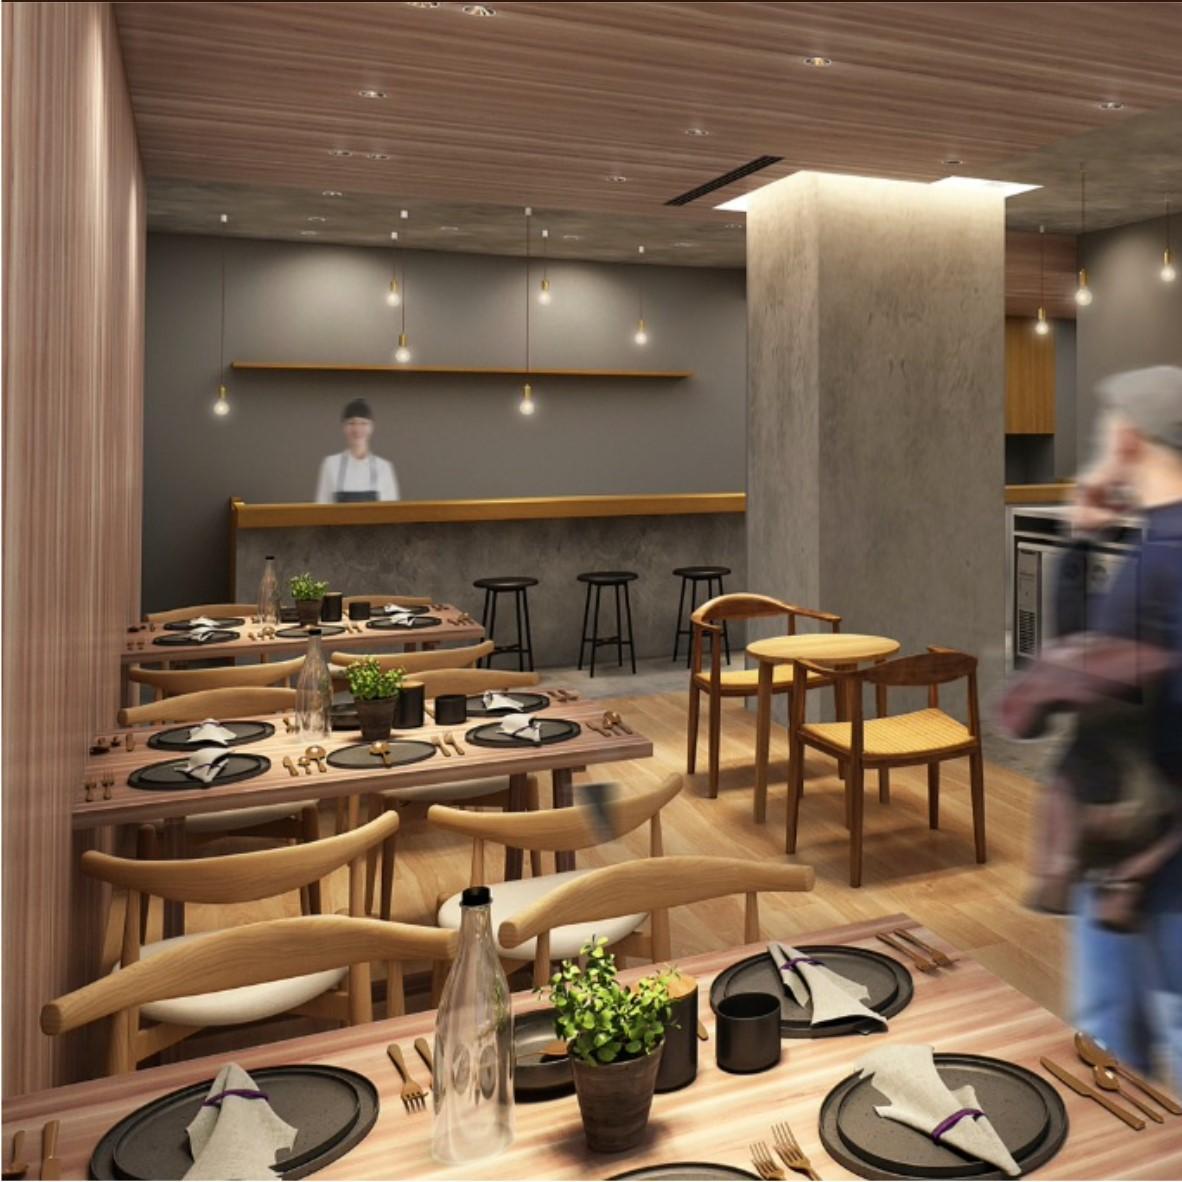 2021年今冬 オープン予定♪東北食材を使った料理、東北地方をコンセプトのダイニングカフェで接客☆